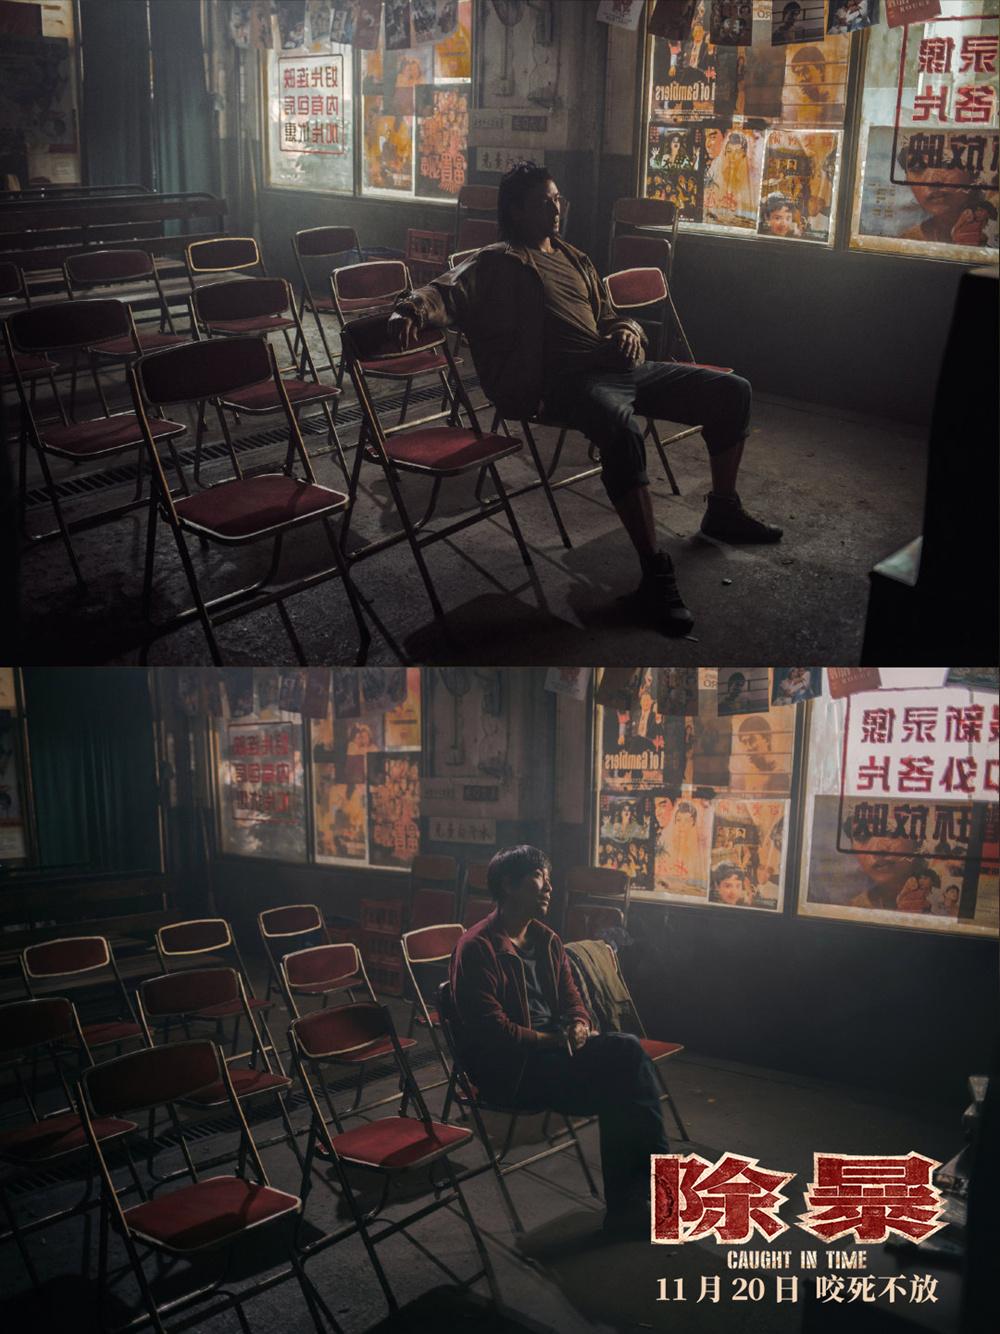 《除暴》里吴彦祖和王千源饰演的角色,分别坐在同一家录像厅内观看港片《喋血双雄》